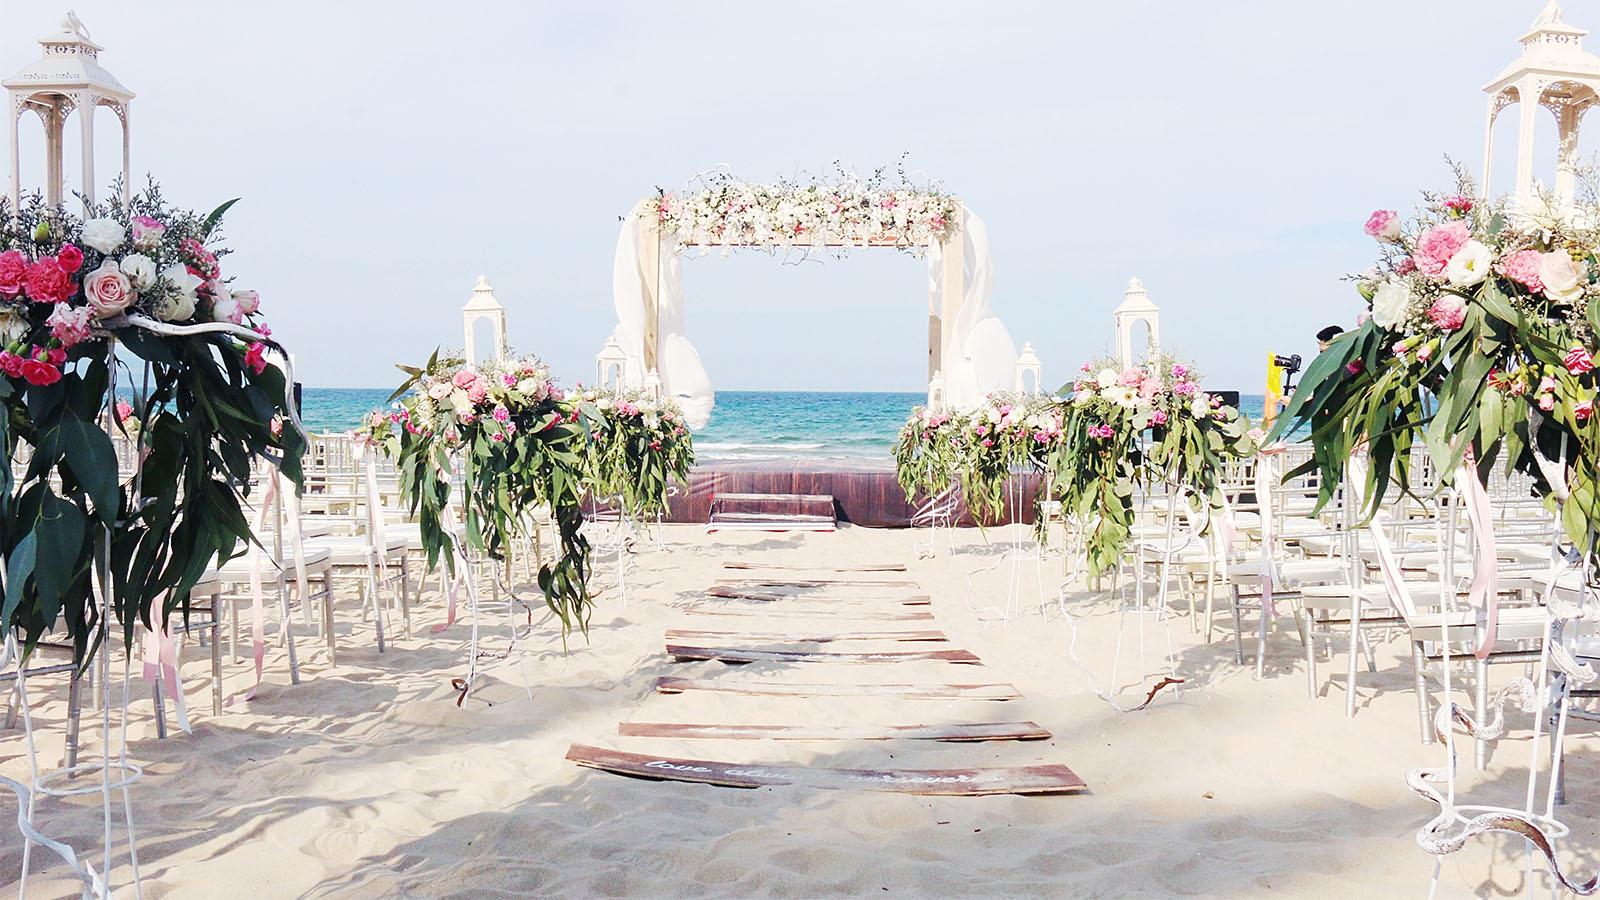 Premier Village Danang Resort Managed By AccorHotels - Nơi tổ chức đám cưới xa hoa bậc nhất Việt Nam 1